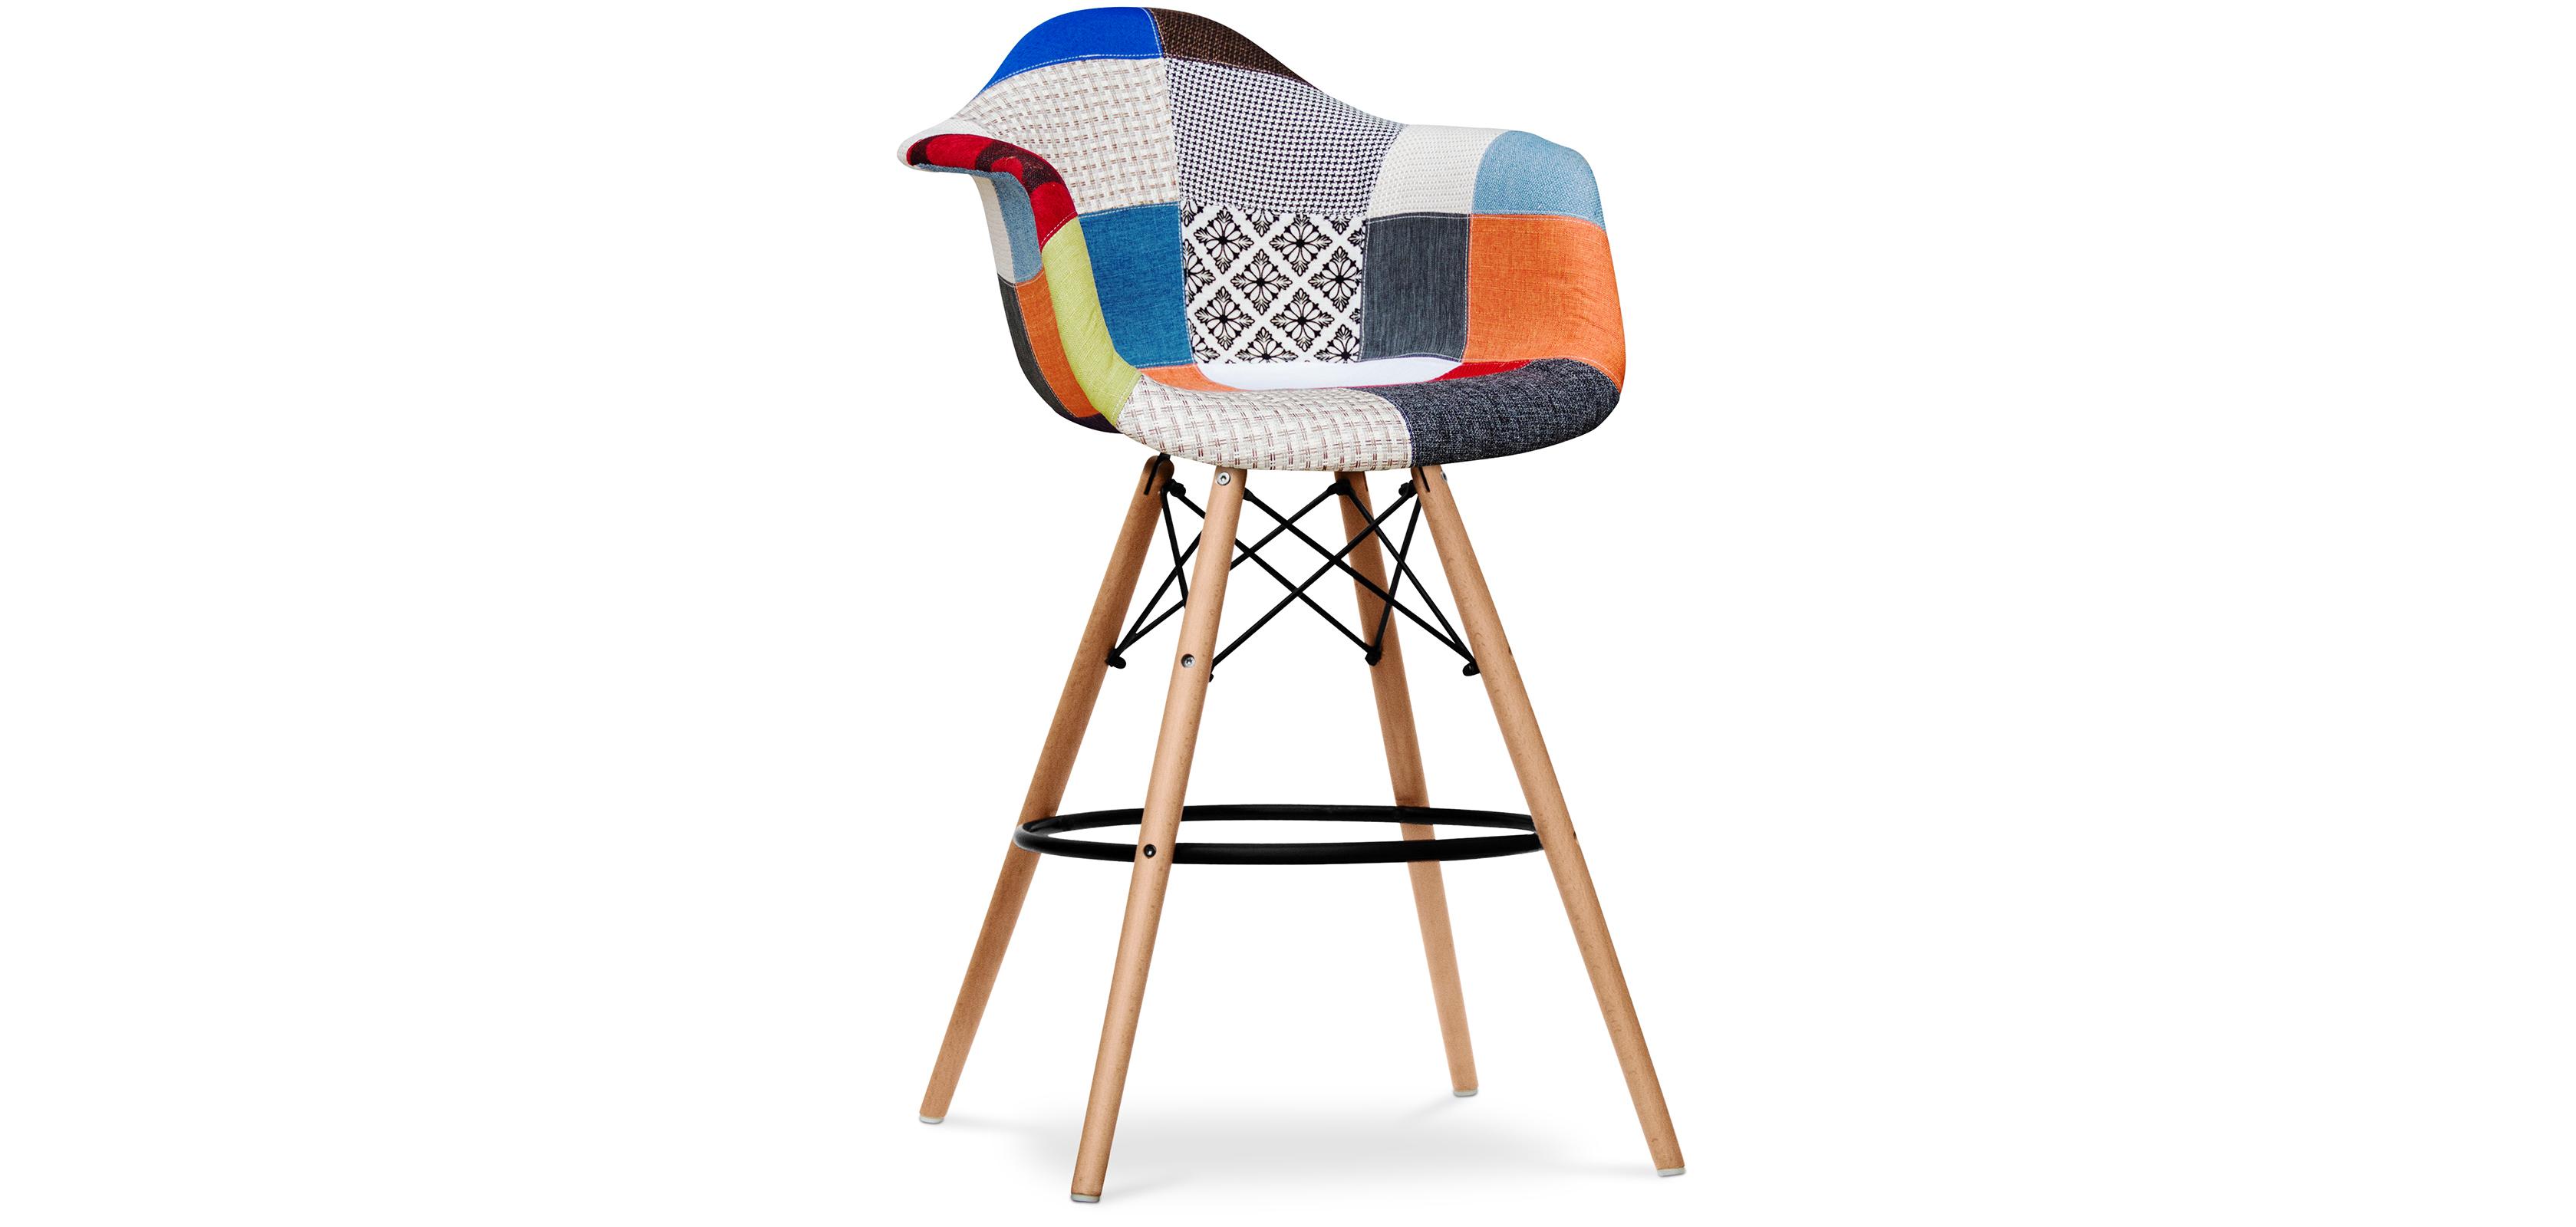 tabouret daw charles eames patchwork. Black Bedroom Furniture Sets. Home Design Ideas